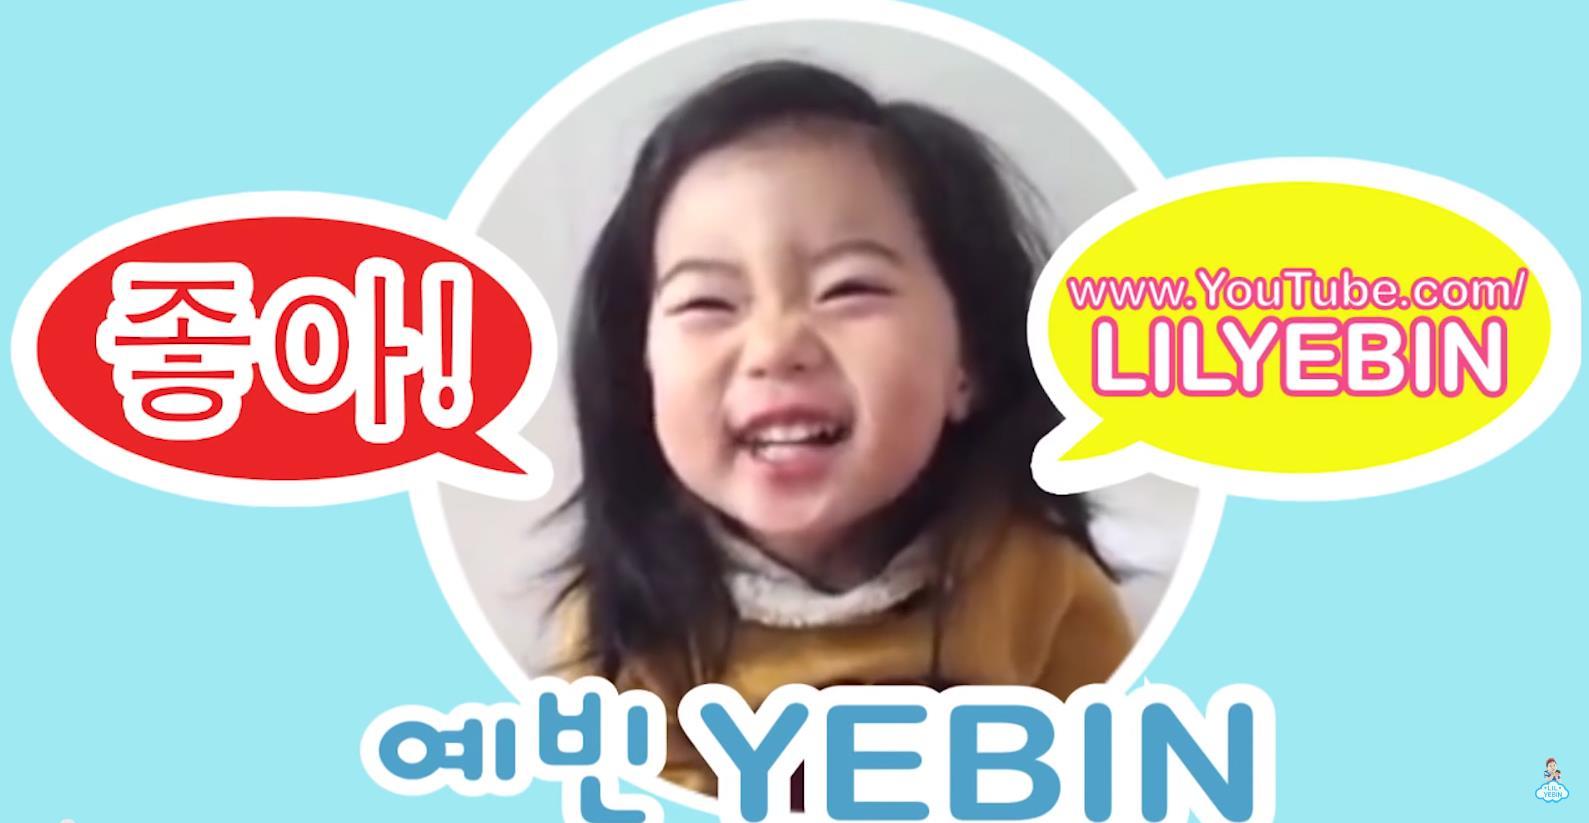 김예빈 양 유튜브 동영상 캡쳐화면